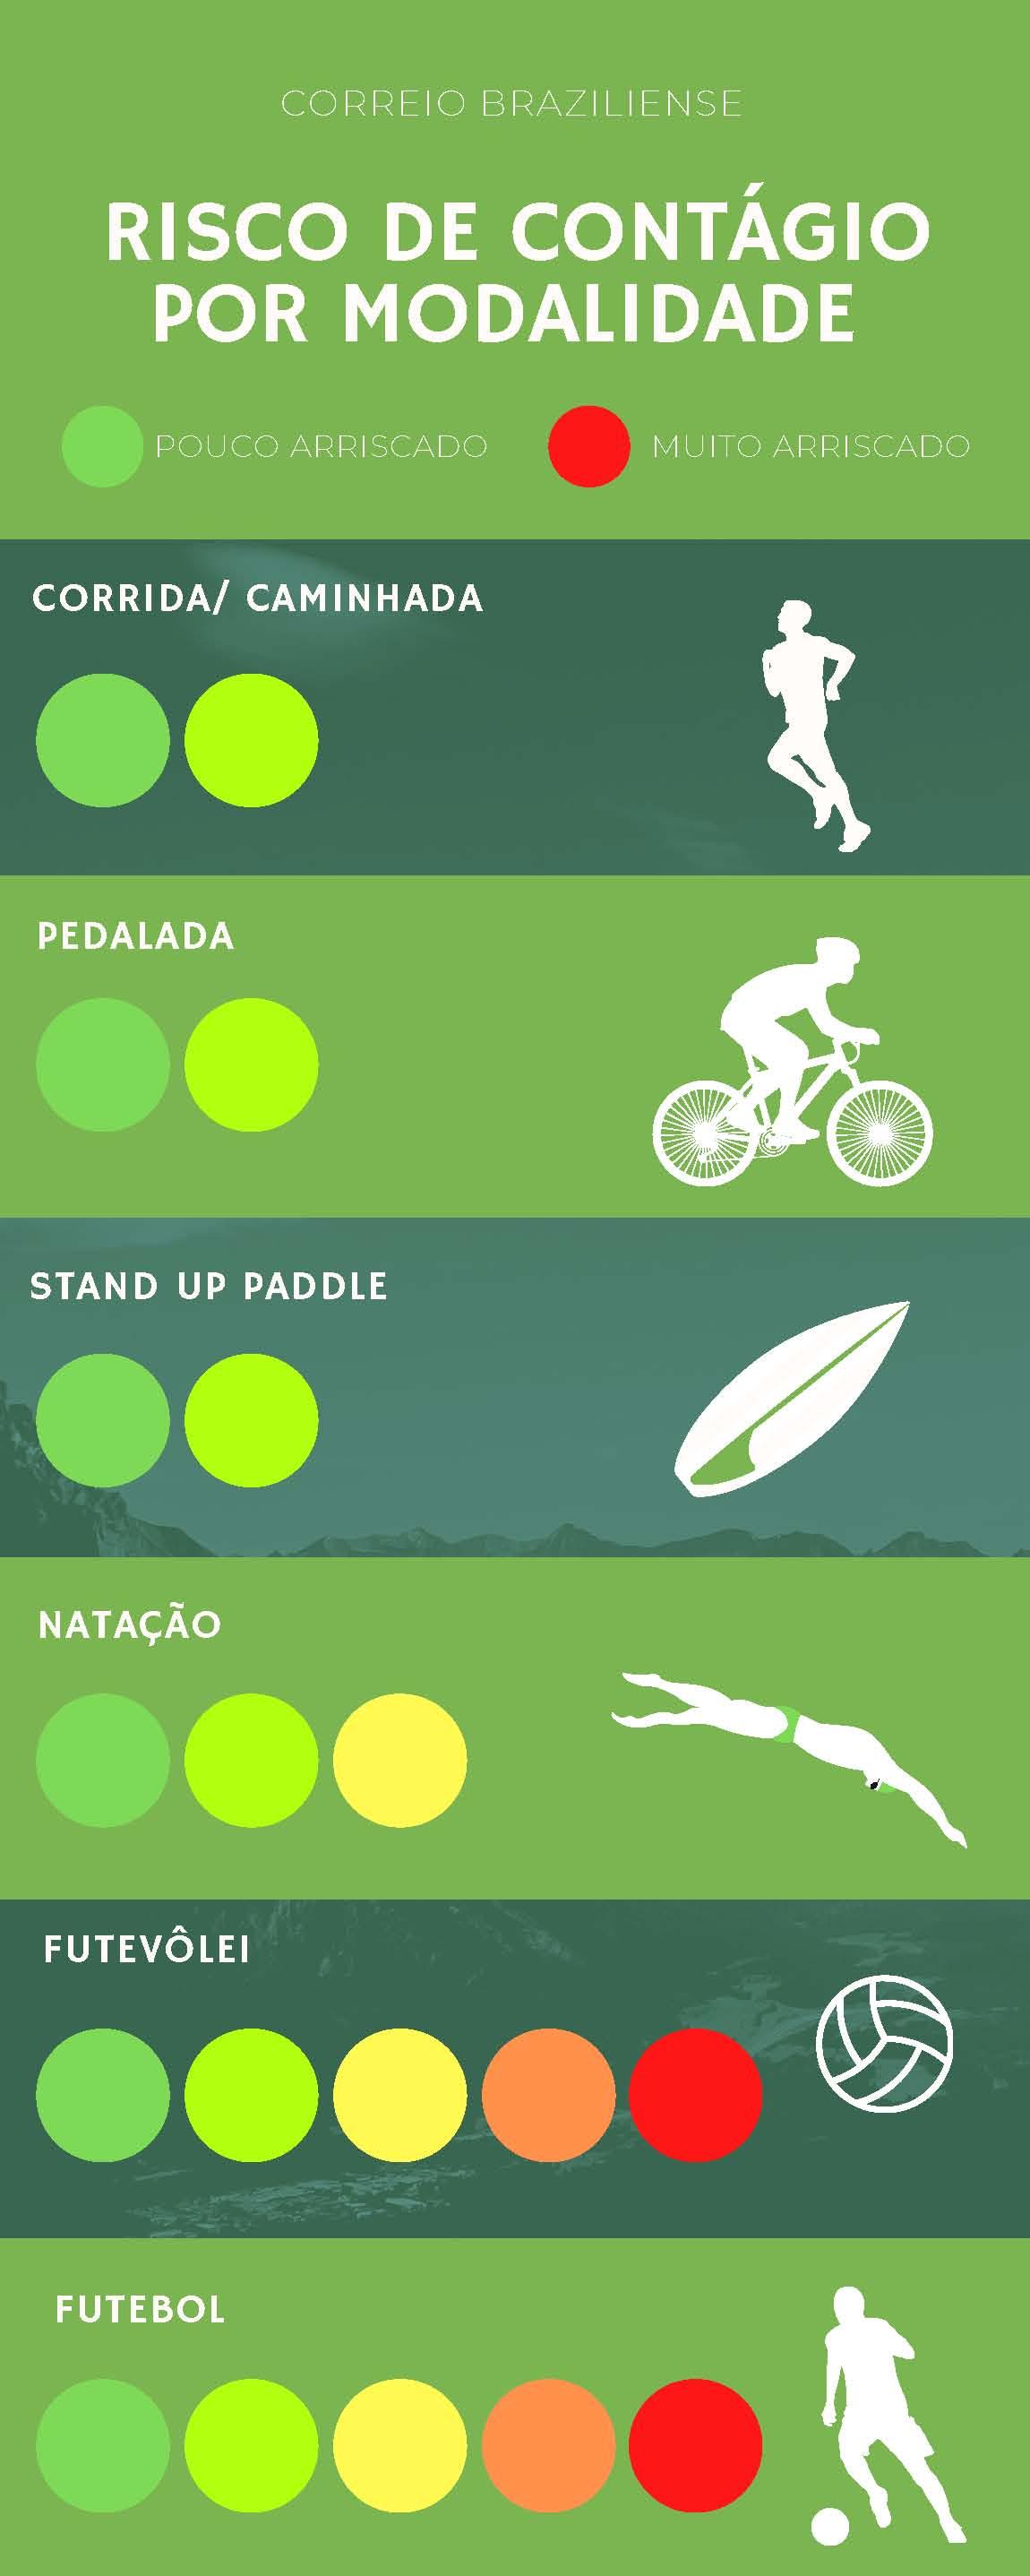 Covid-19: Tabela com atividades esportivas classificadas por risco de contágio